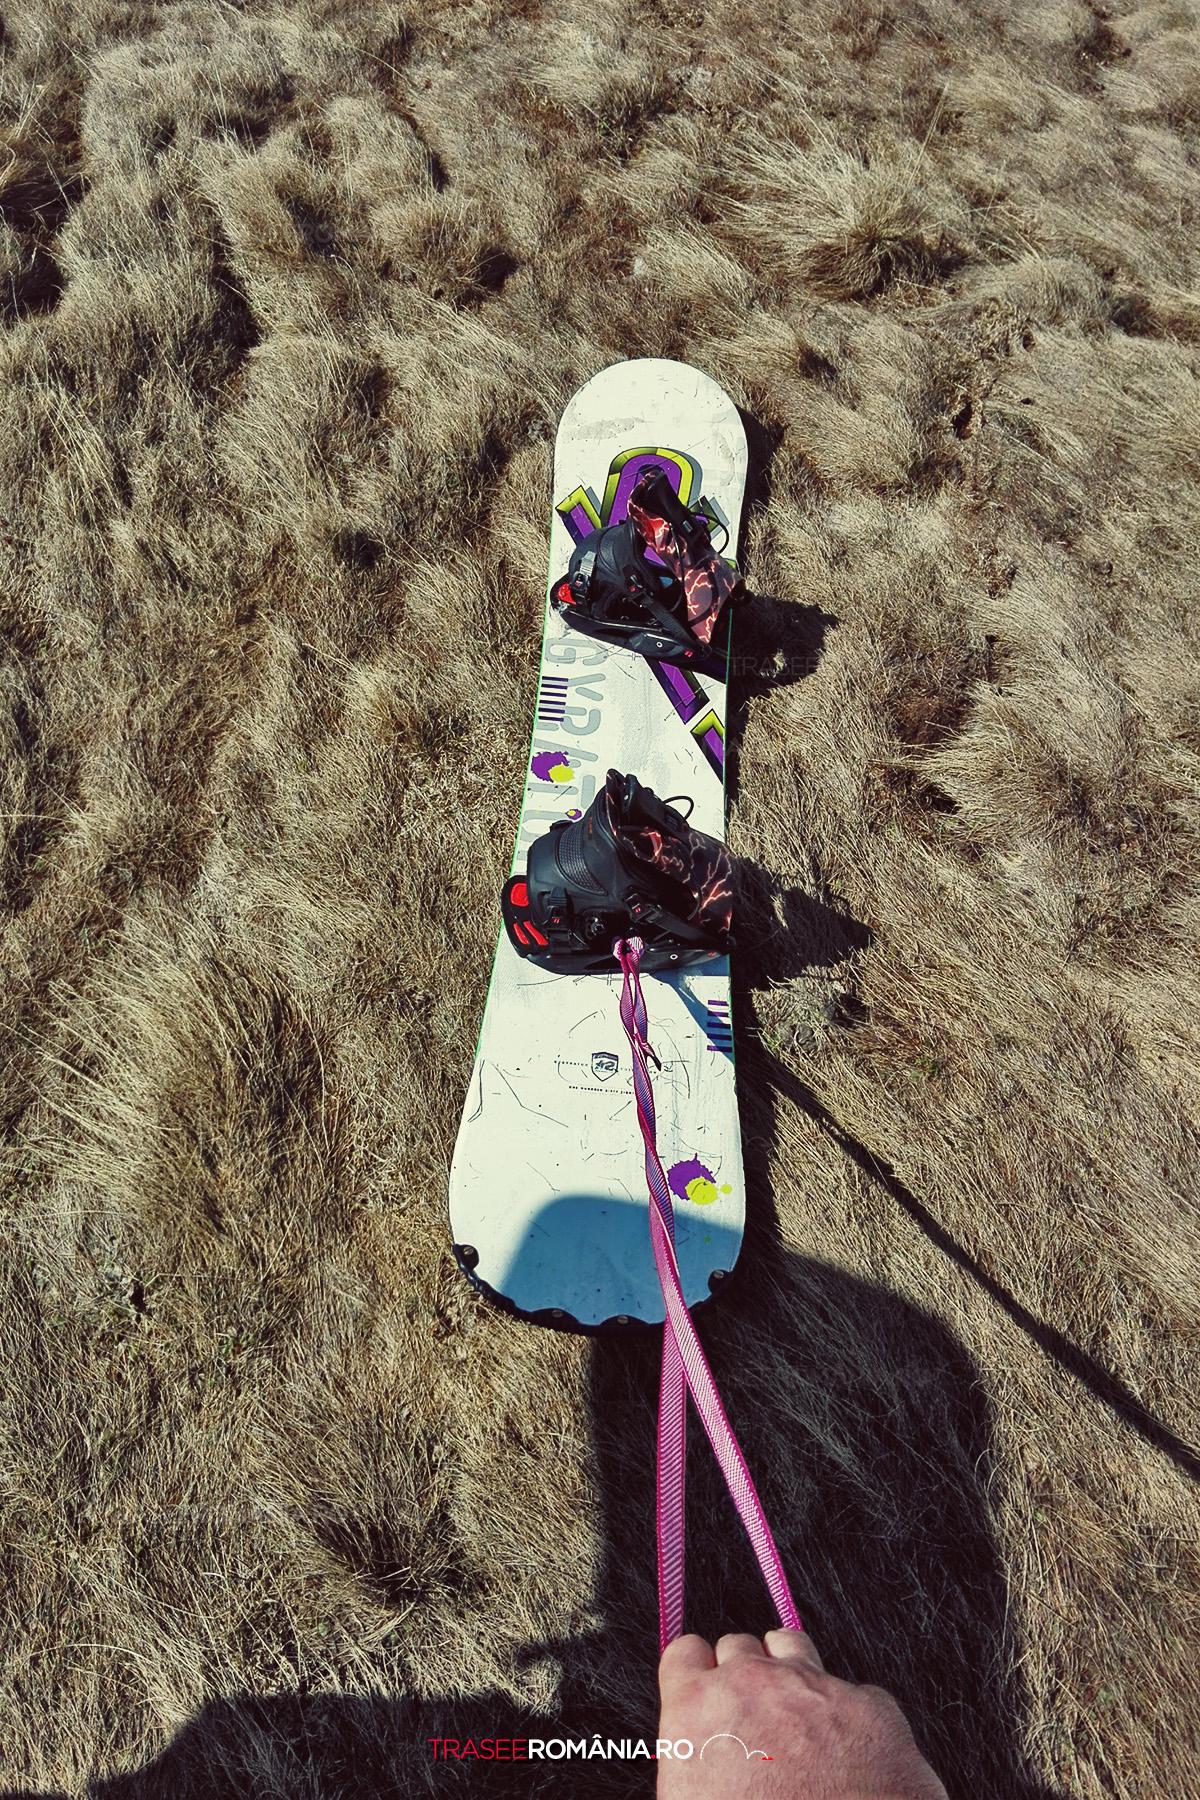 Snowboarding primavara tarziu in Muntii Bucegi